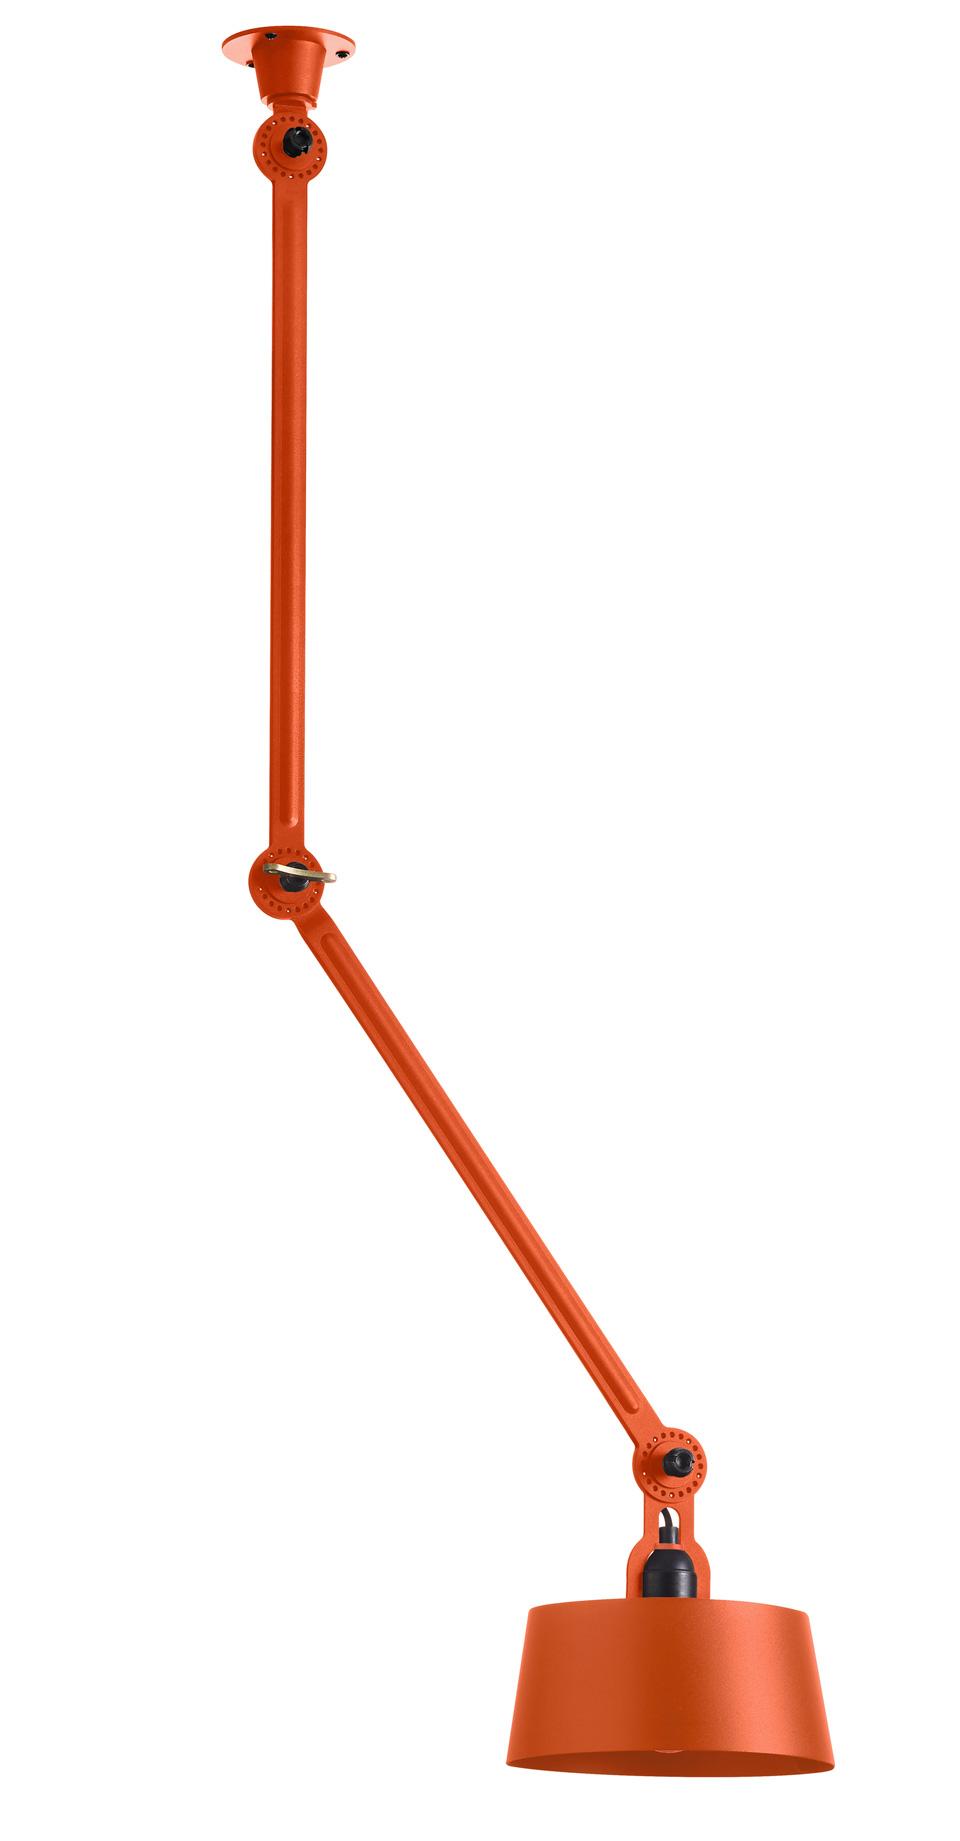 Plafonnier articulé orange, deux bras Bolt. Tonone.